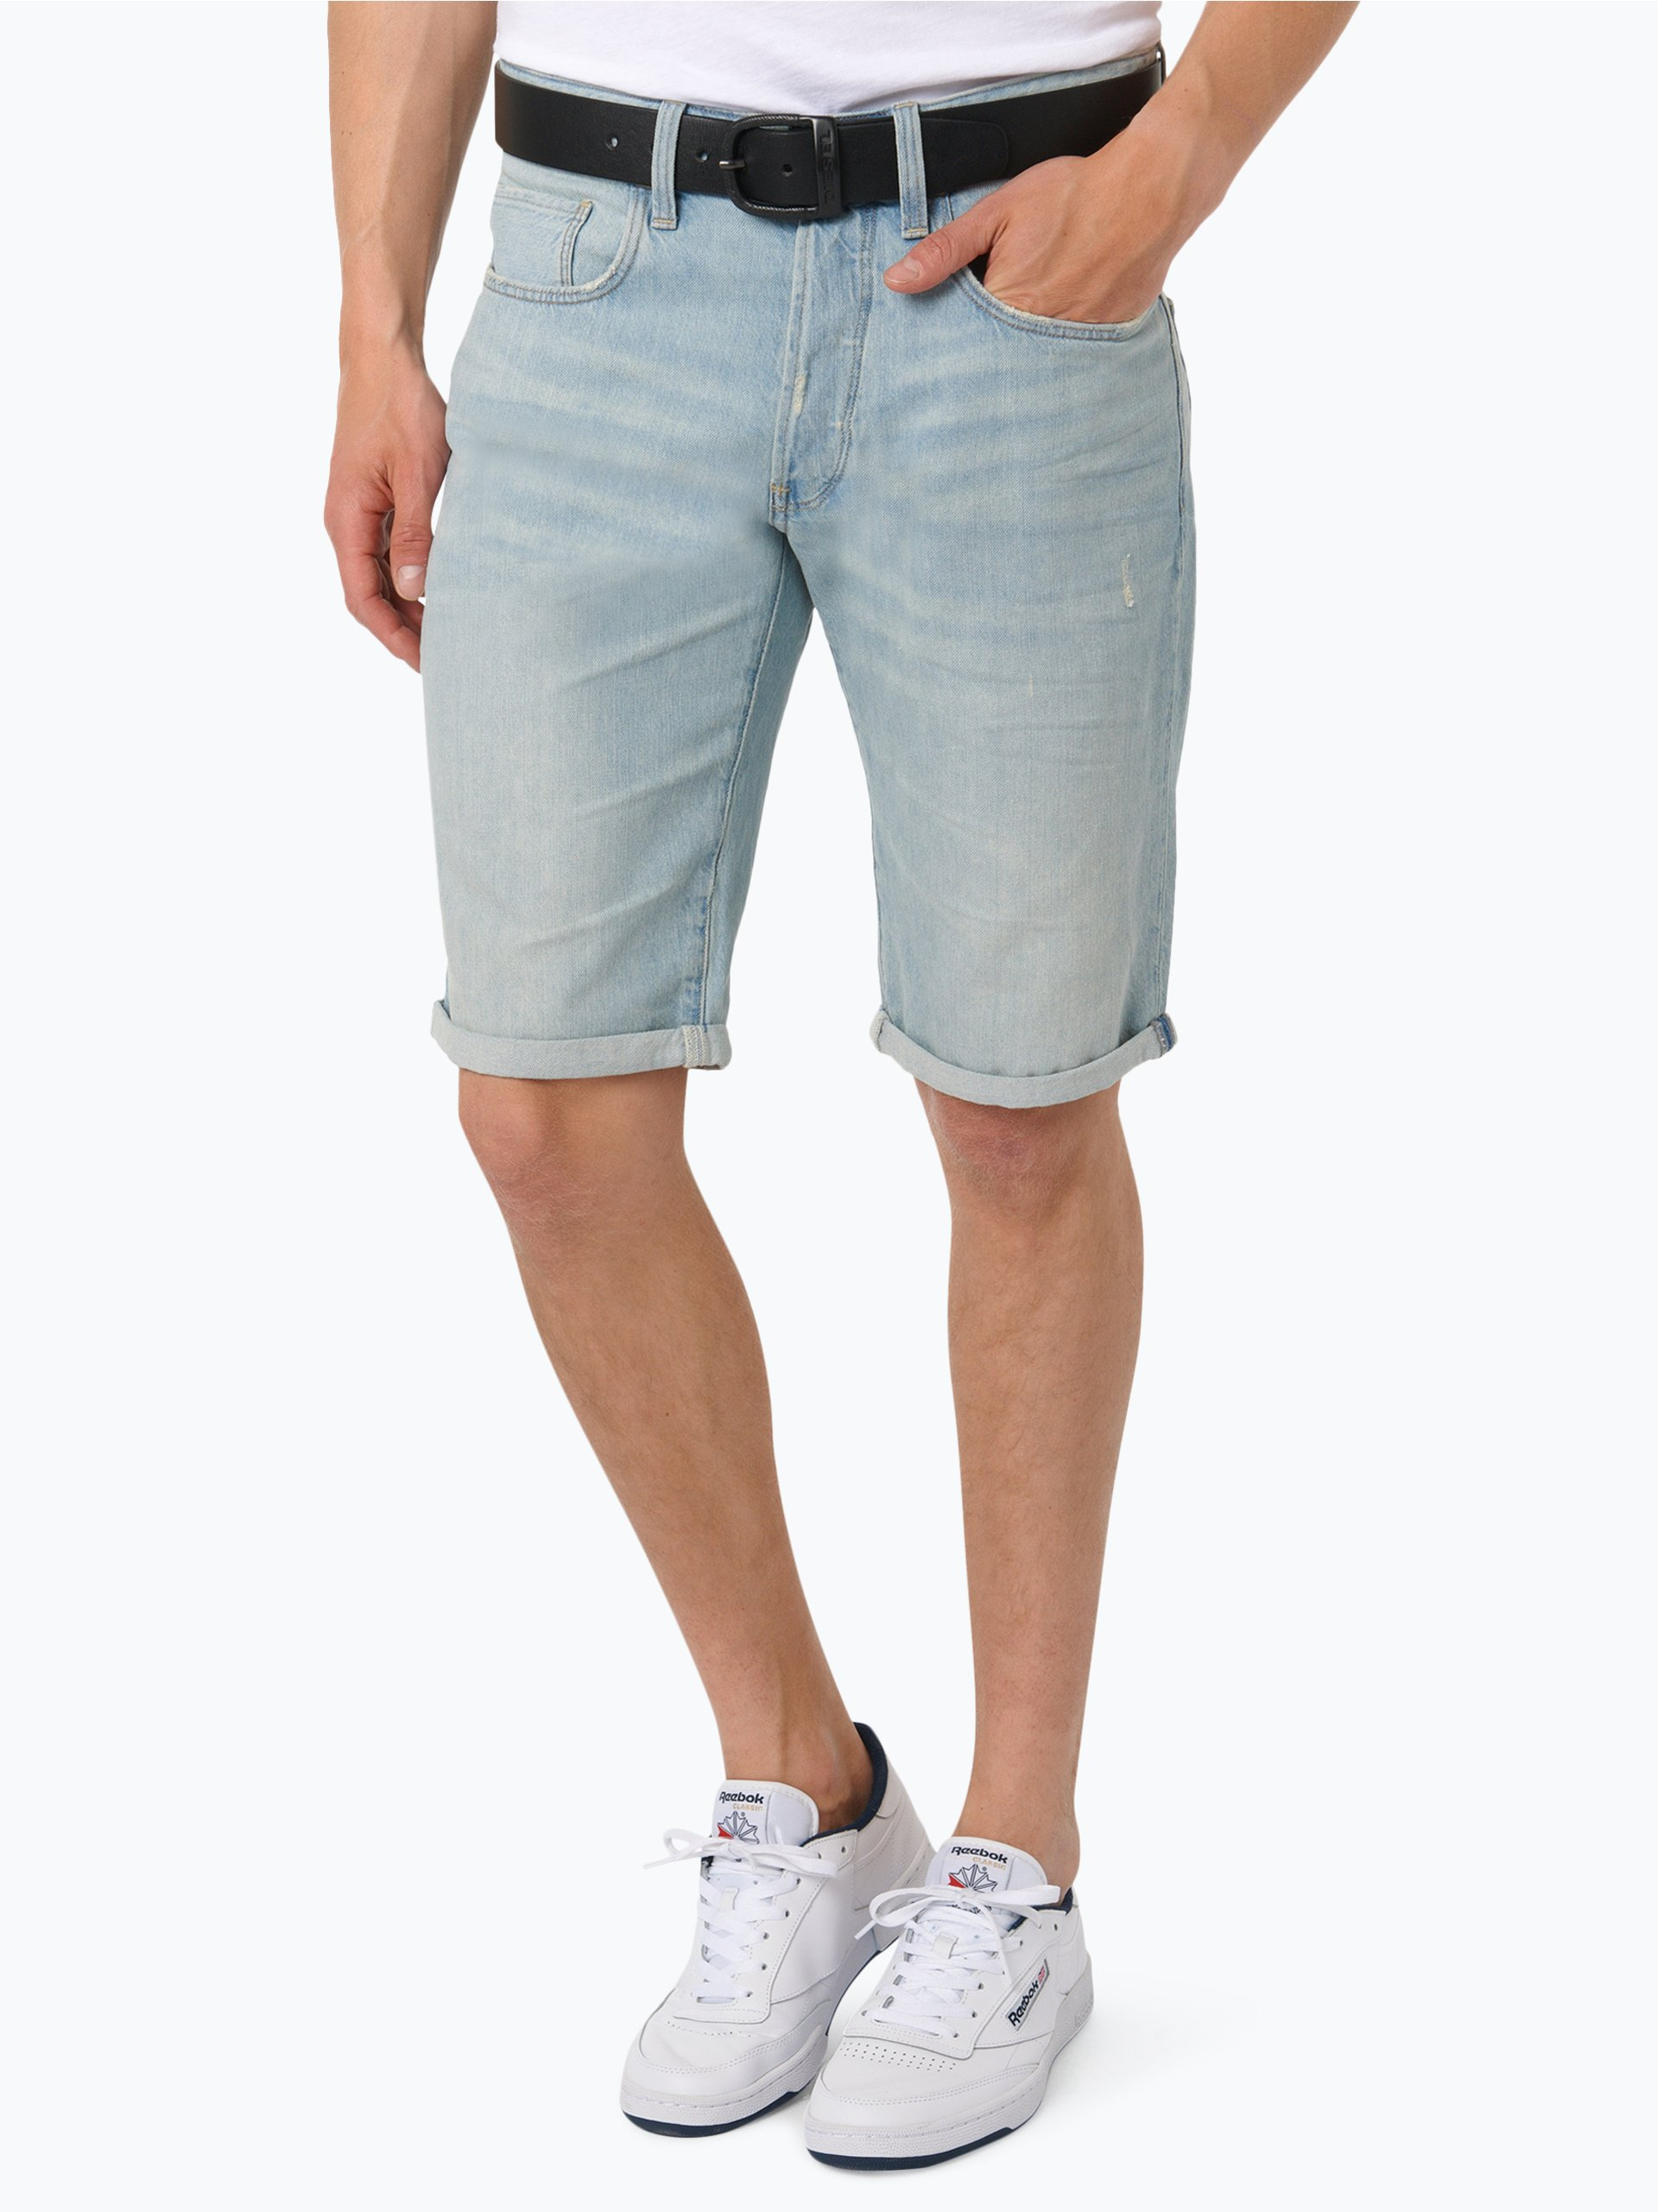 g star herren jeans bermuda 2 online kaufen peek und cloppenburg de. Black Bedroom Furniture Sets. Home Design Ideas